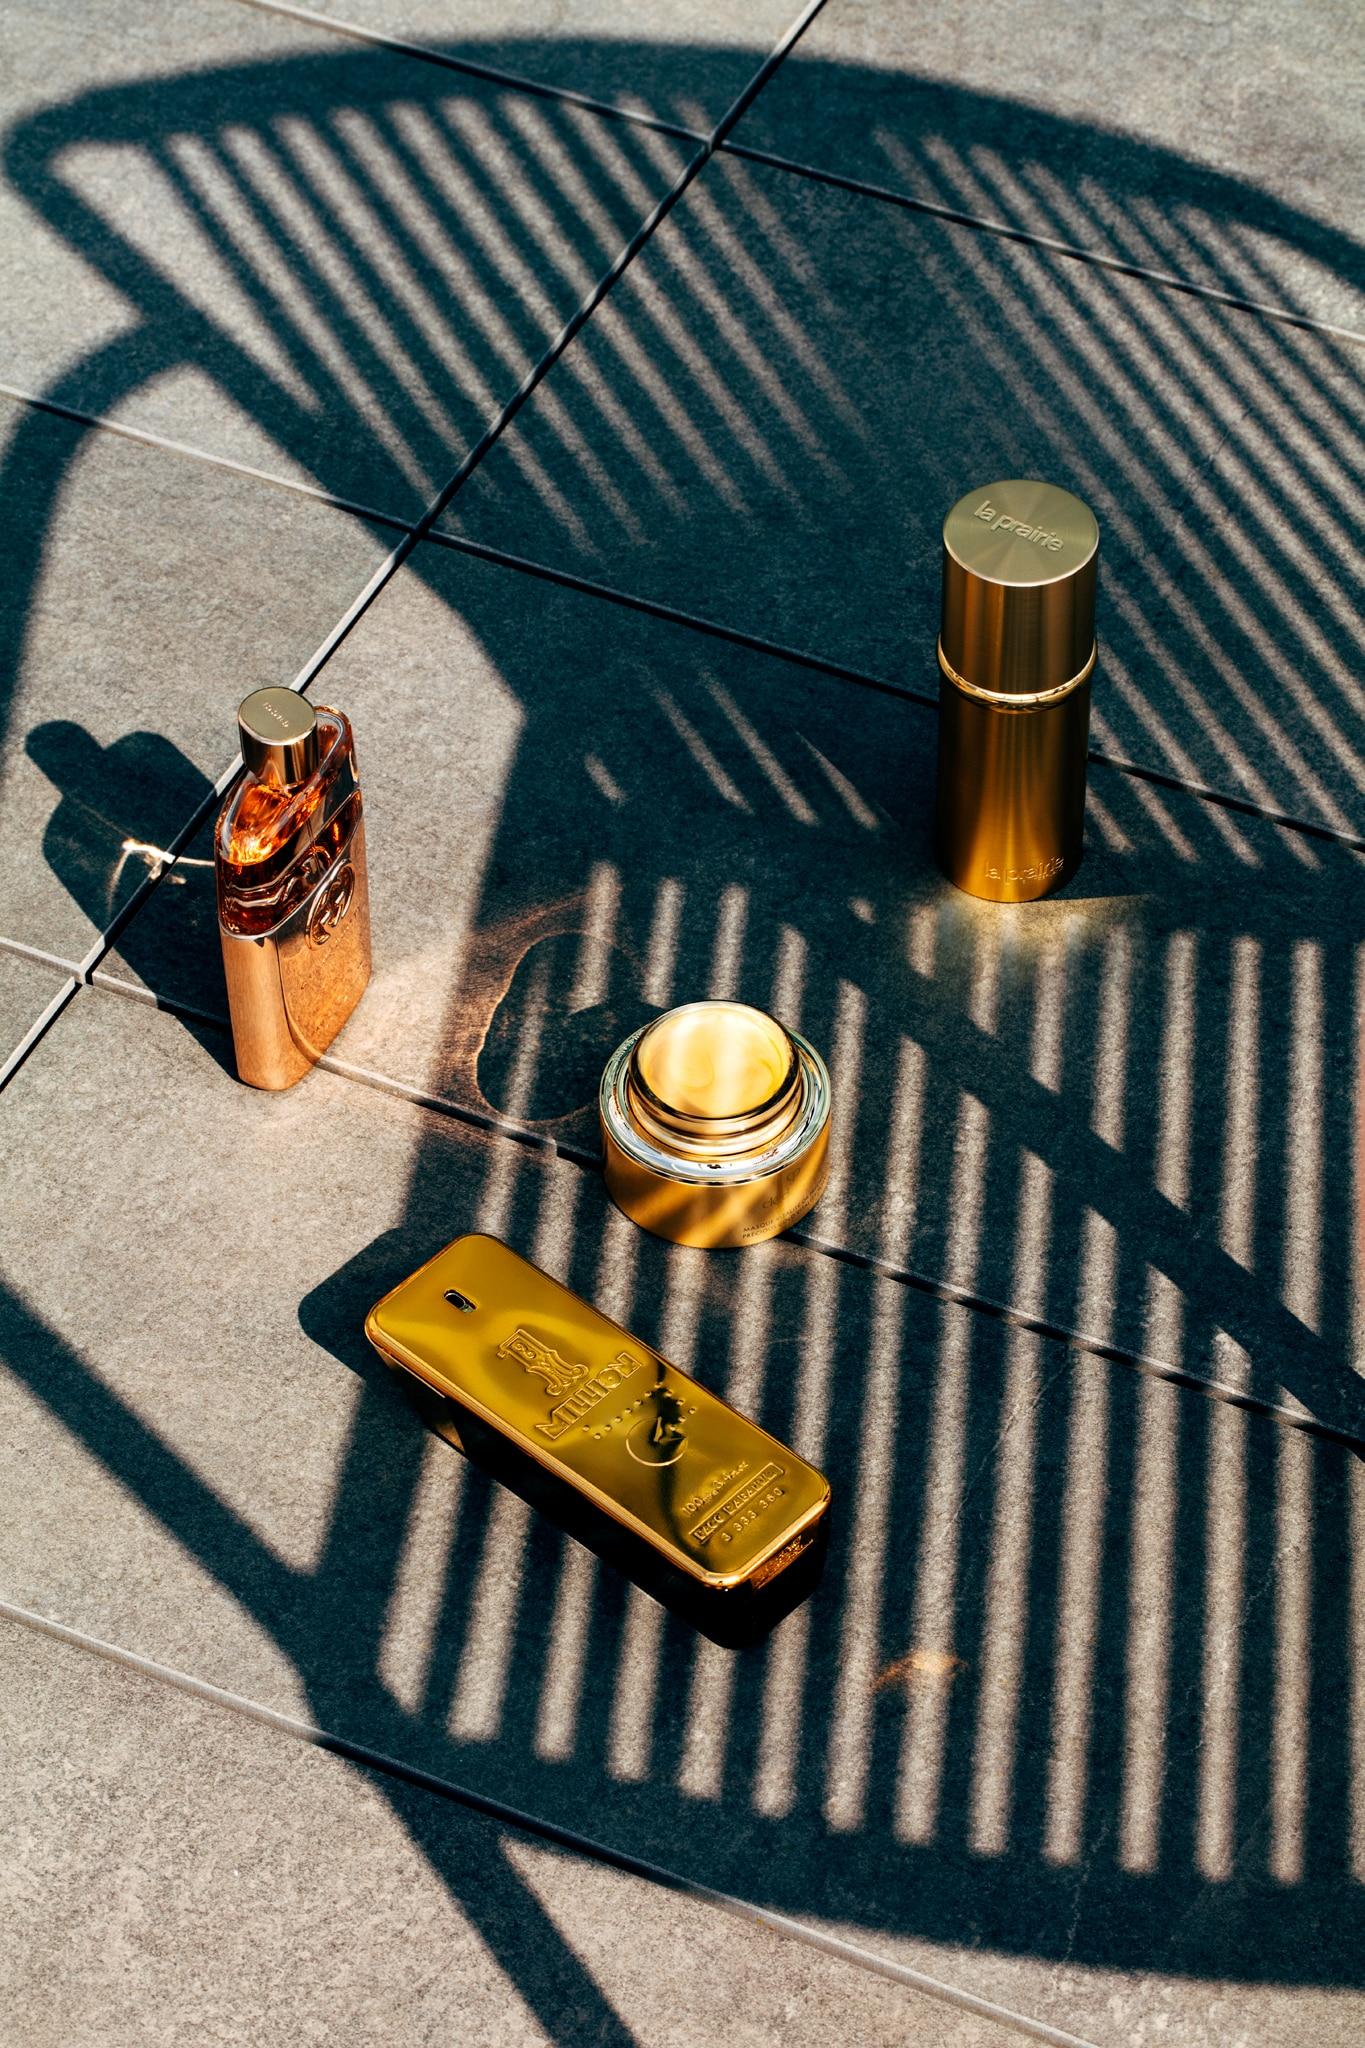 Da sinistra, in senso orario. Eau de toilette donna, con accordo ambrato floreale, GUCCI Guilty (113 €, 90 ml). Pure Gold Radiance Concentrate, siero con la brillantezza dell'oro puro, LA PRAIRIE (768 €, 30 ml). Gold VitalityMask, con infusione d'oro 24K, CLÉ DE PEAU BEAUTÉ (300 €, 75 ml). Fragranza maschile con note d'ambra, cuoio e mandarino, OneMillion PACO RABANNE(90,90 €, 100 ml). Foto Lea Anouchinsky